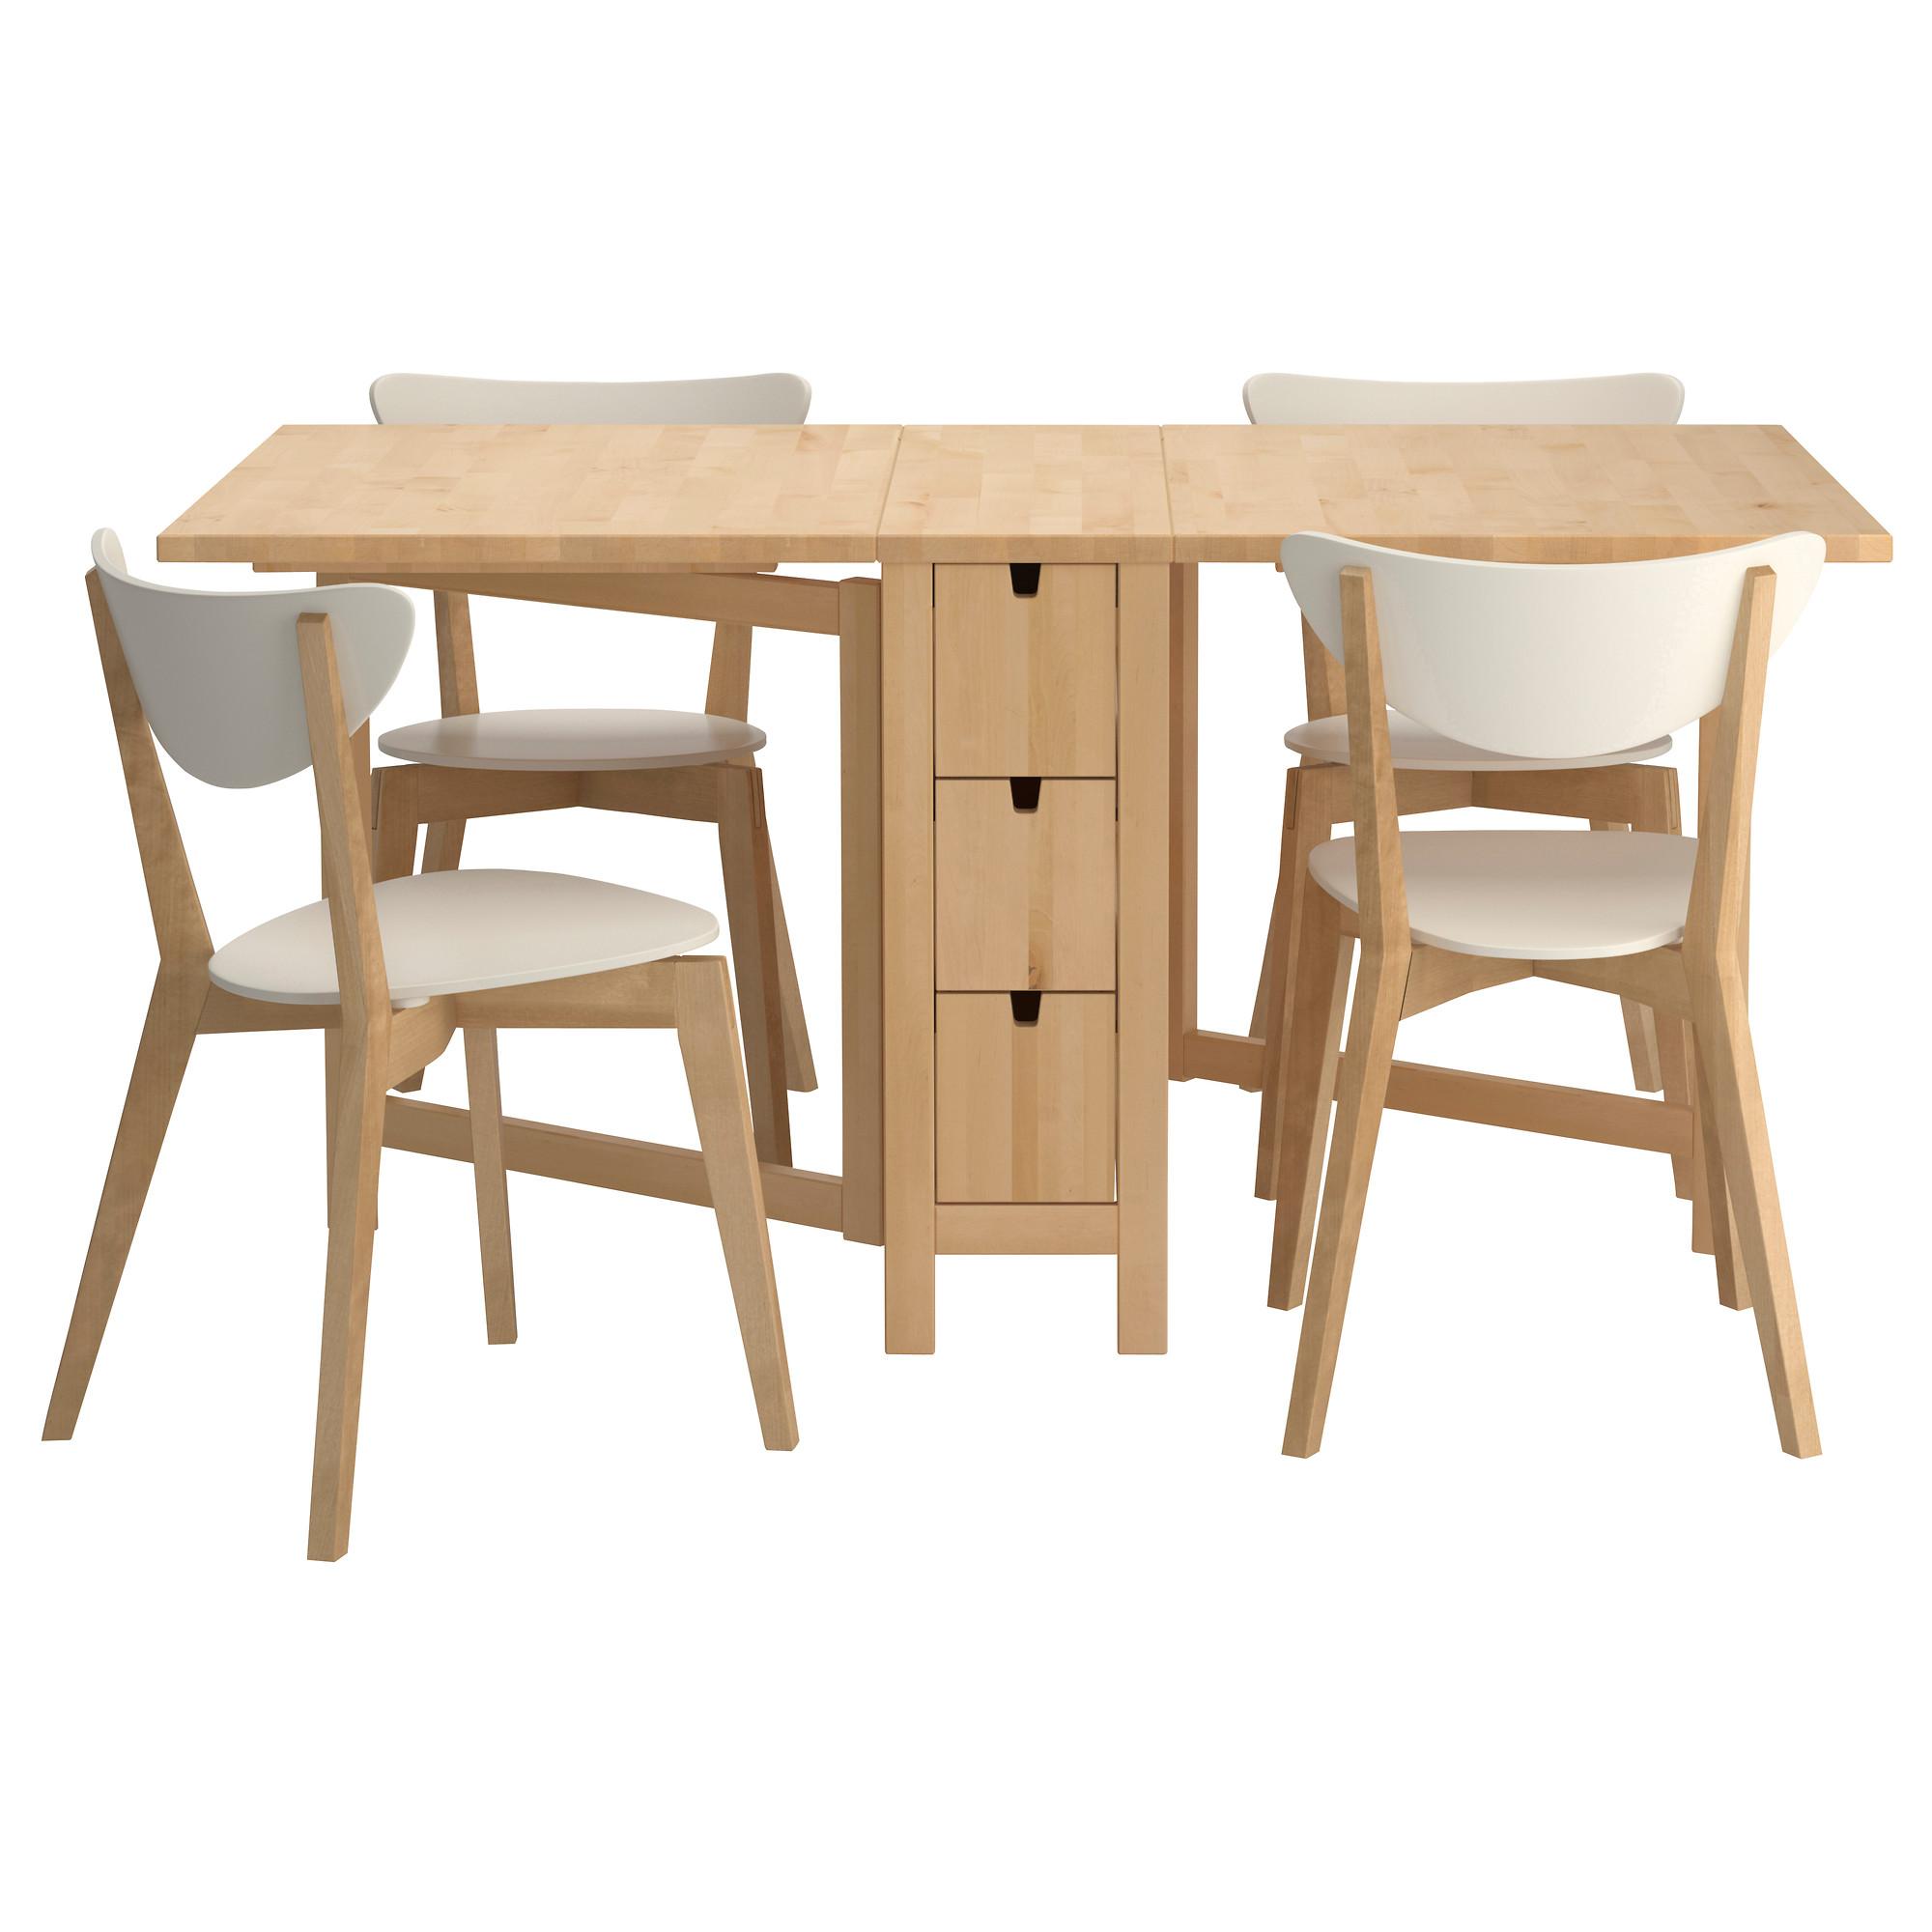 kitchen-chairs-ikea-photo-9